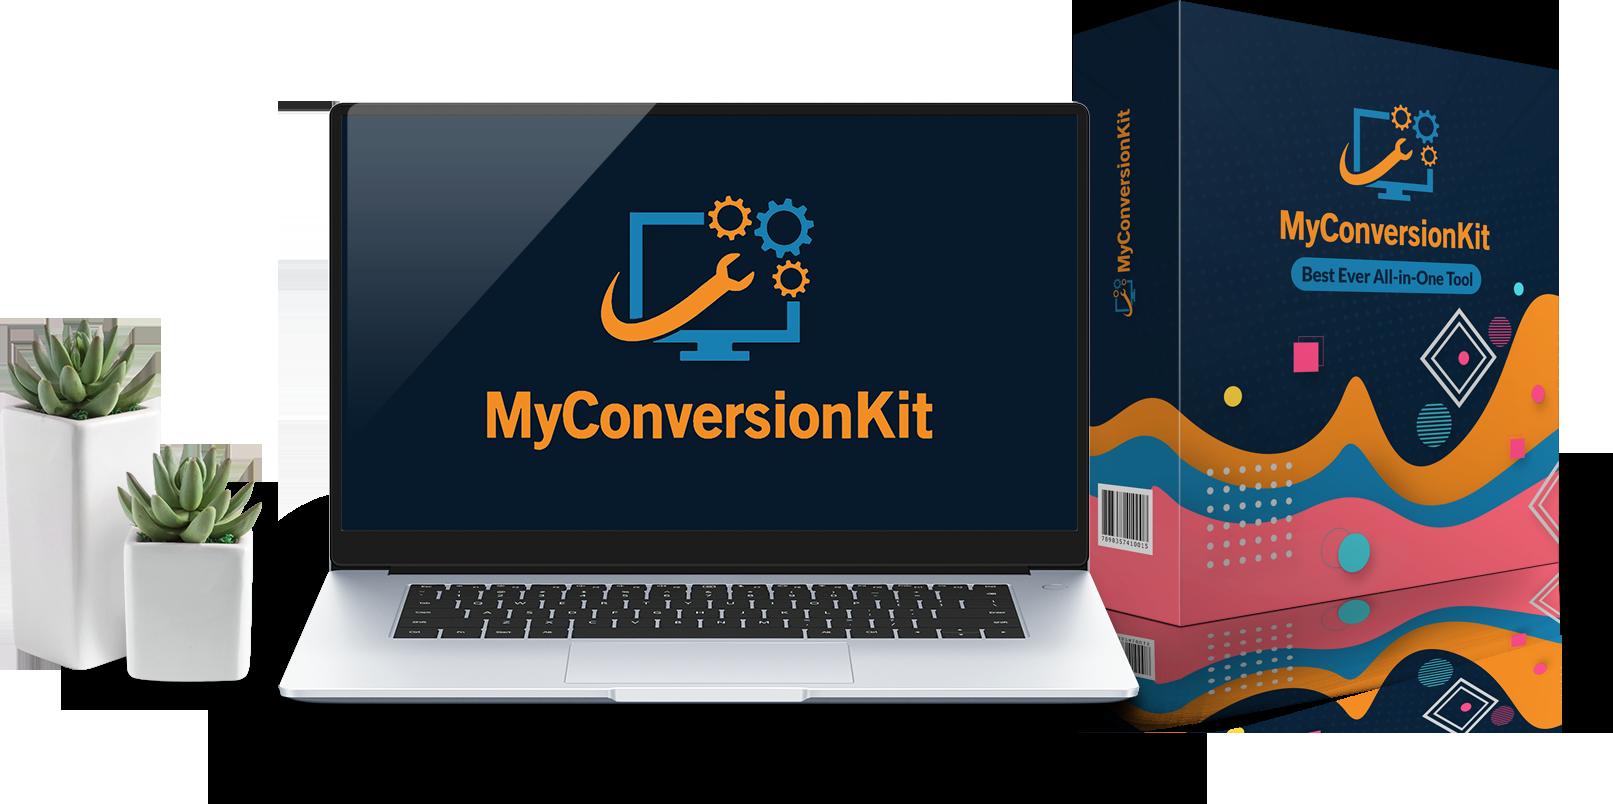 myconversionkit review